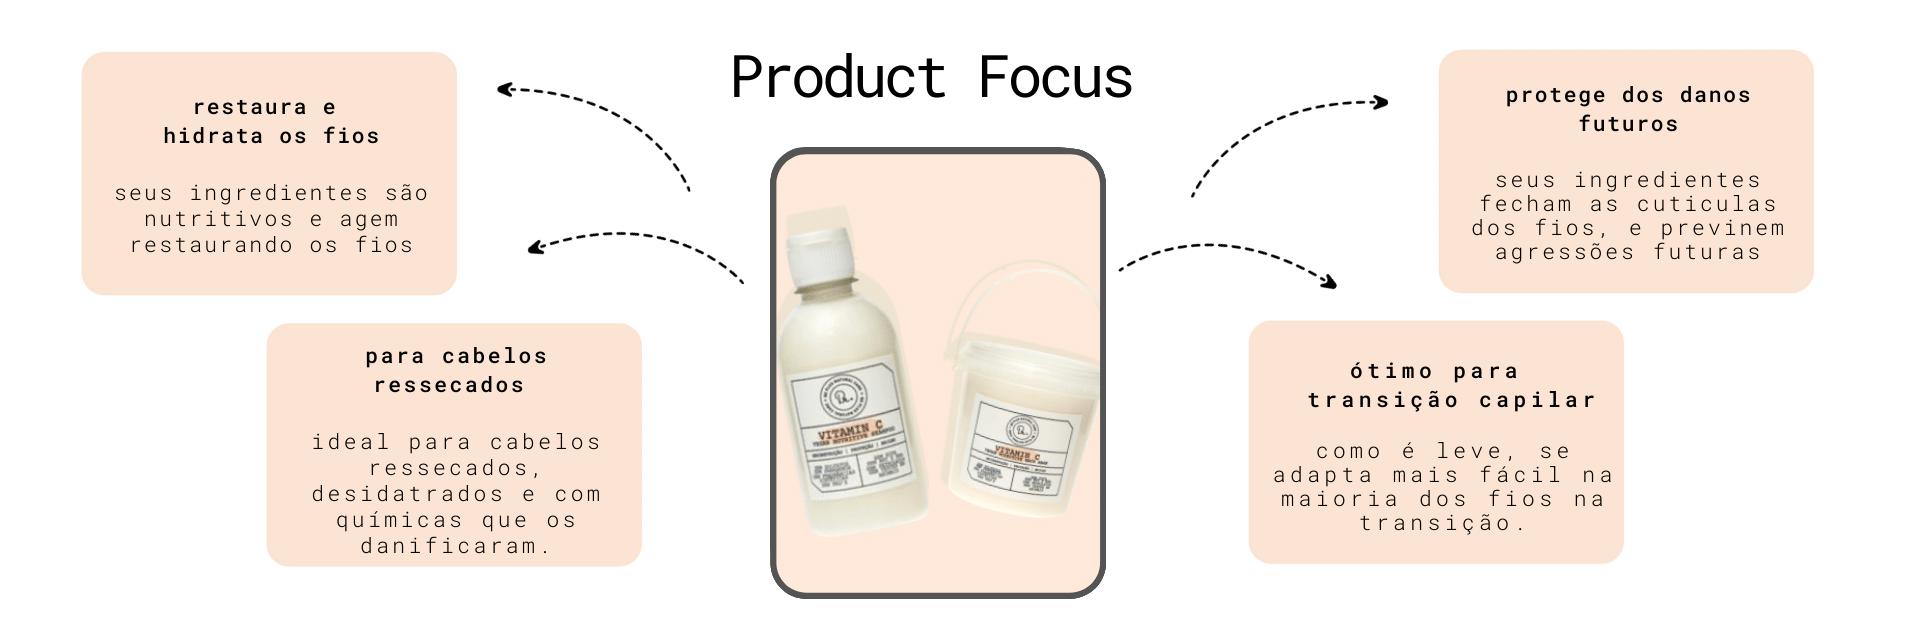 [Banner produto] shampoo vit c